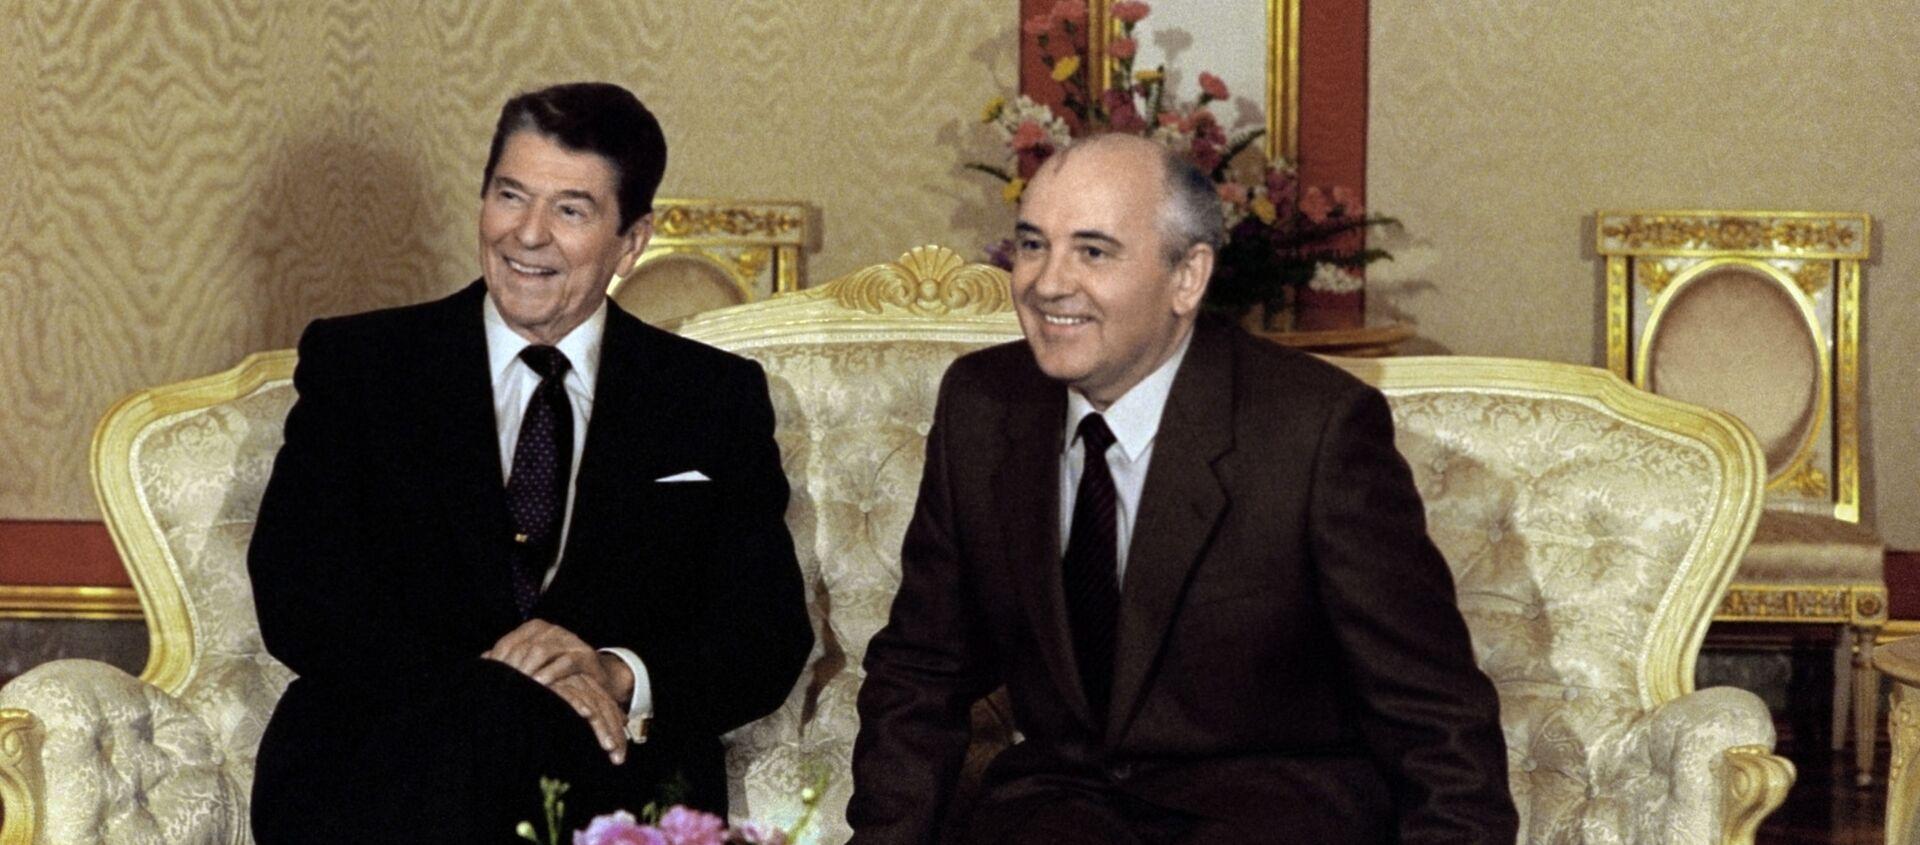 Prezydent USA Ronald Reagan i sekretarz generalny KC KPZR Michaił Gorbaczow - Sputnik Polska, 1920, 11.06.2021